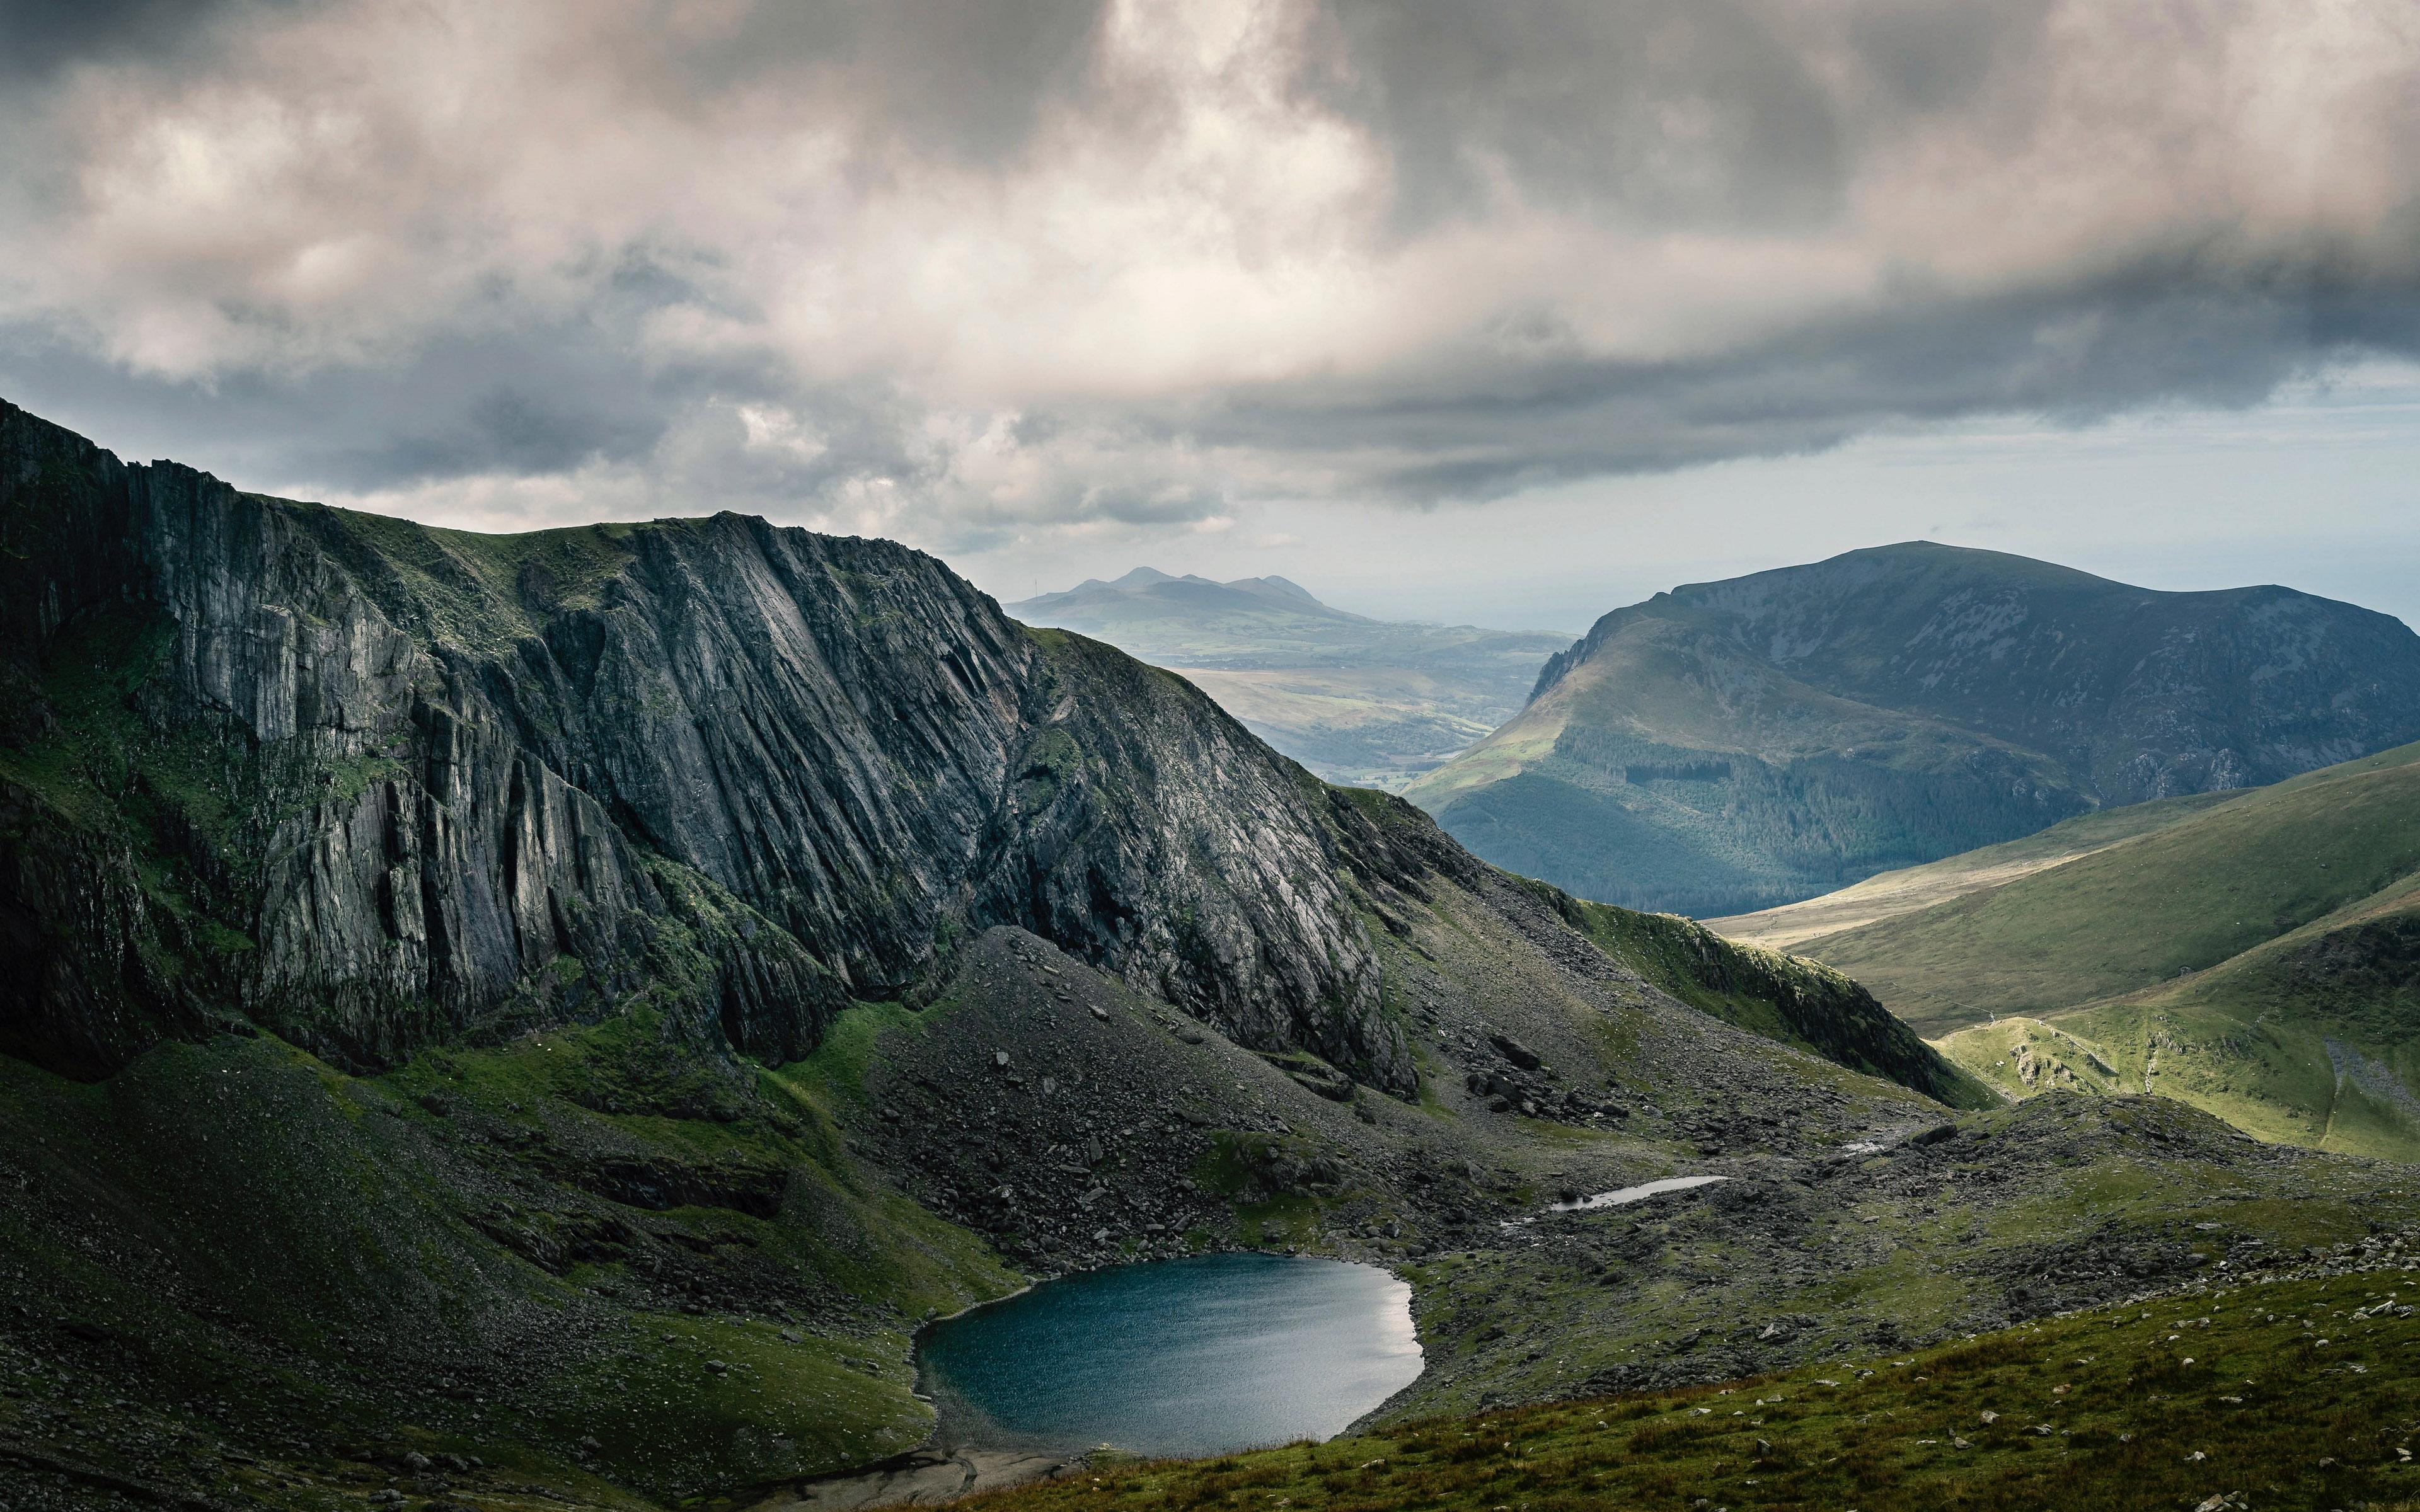 озеро, горы, холмы, небо, пейзаж, широкоформатные обои, 4k заставки